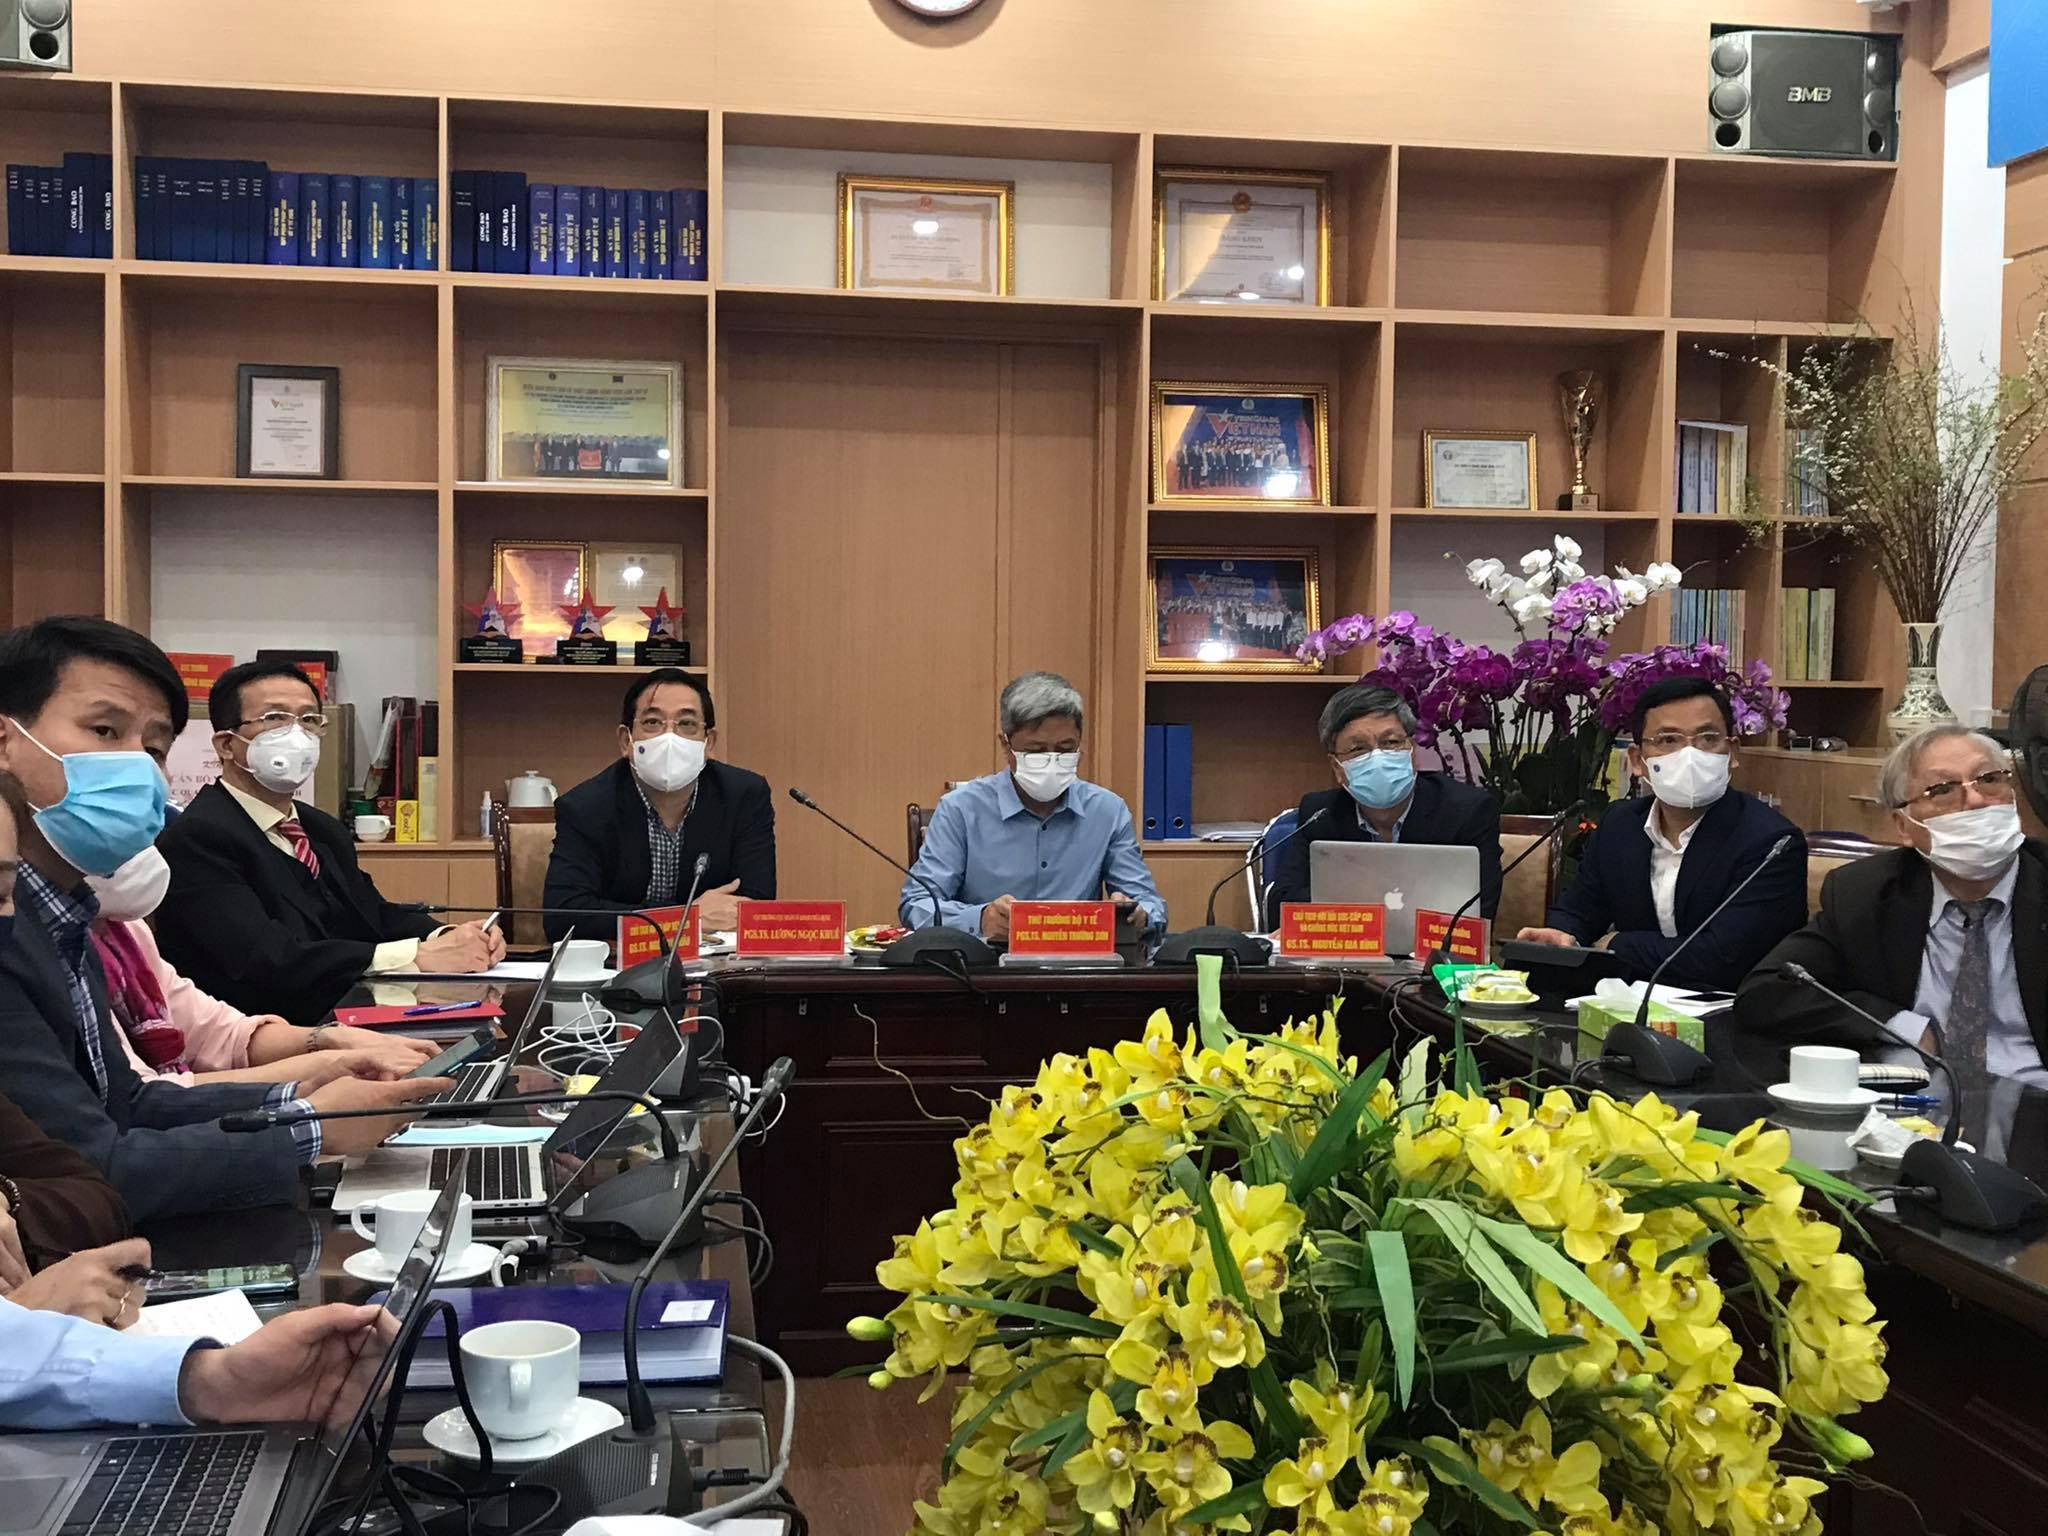 Bệnh nhân COVID-19 nặng nhất Việt Nam đã khỏi bệnh, từ Đà Nẵng về TPHCM tiếp tục điều trị bệnh nền - Ảnh 1.